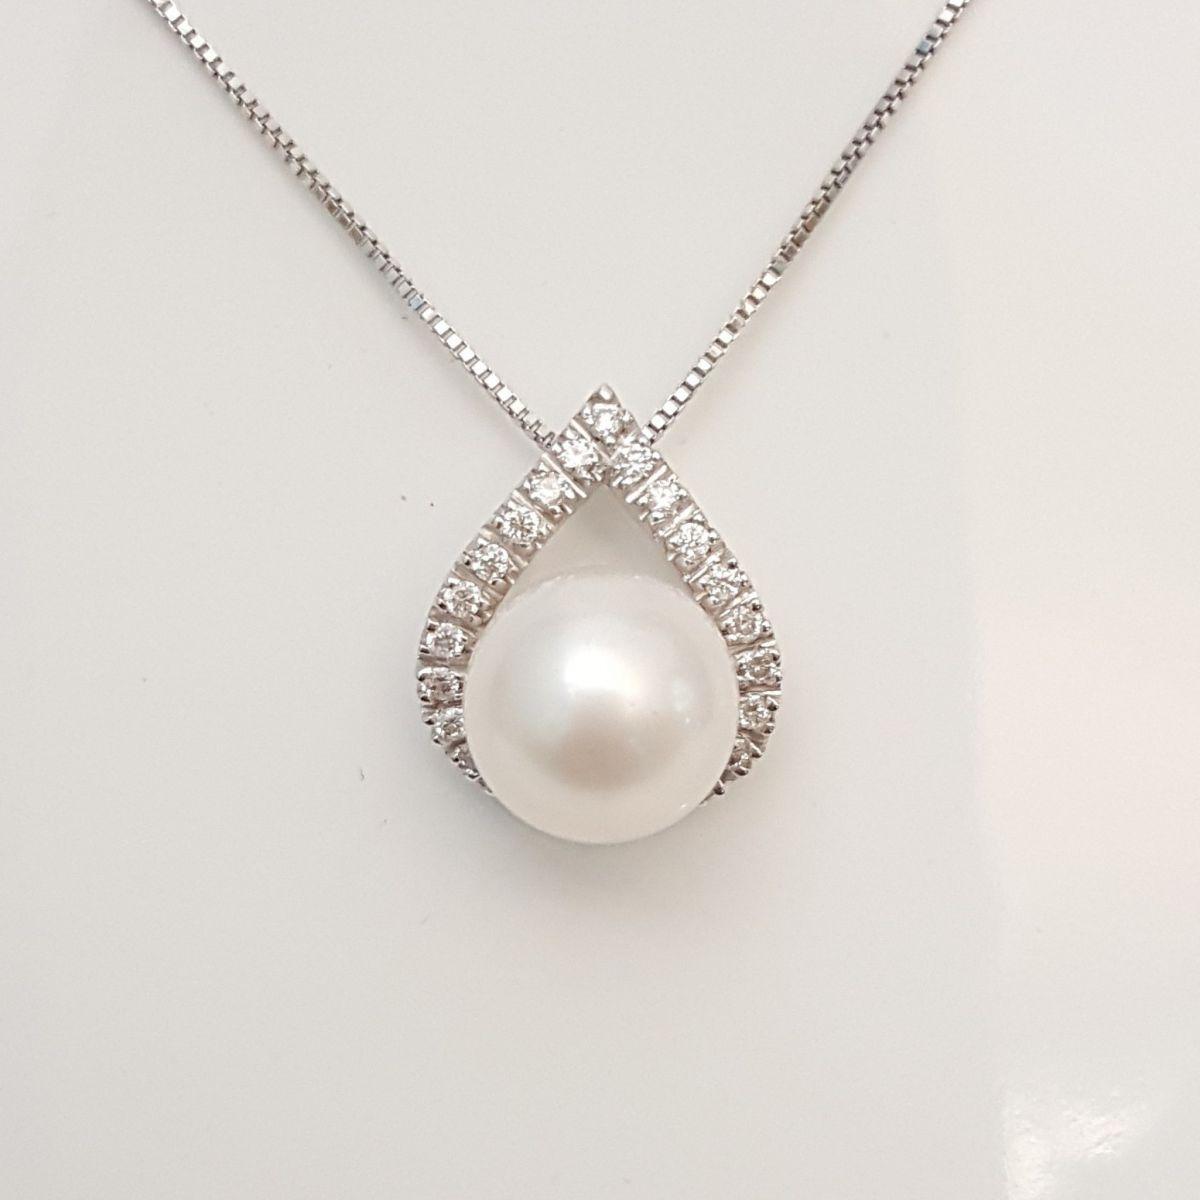 Collana Davite & Delucchi CLN009738 05 in Oro Bianco con Perla e Diamanti